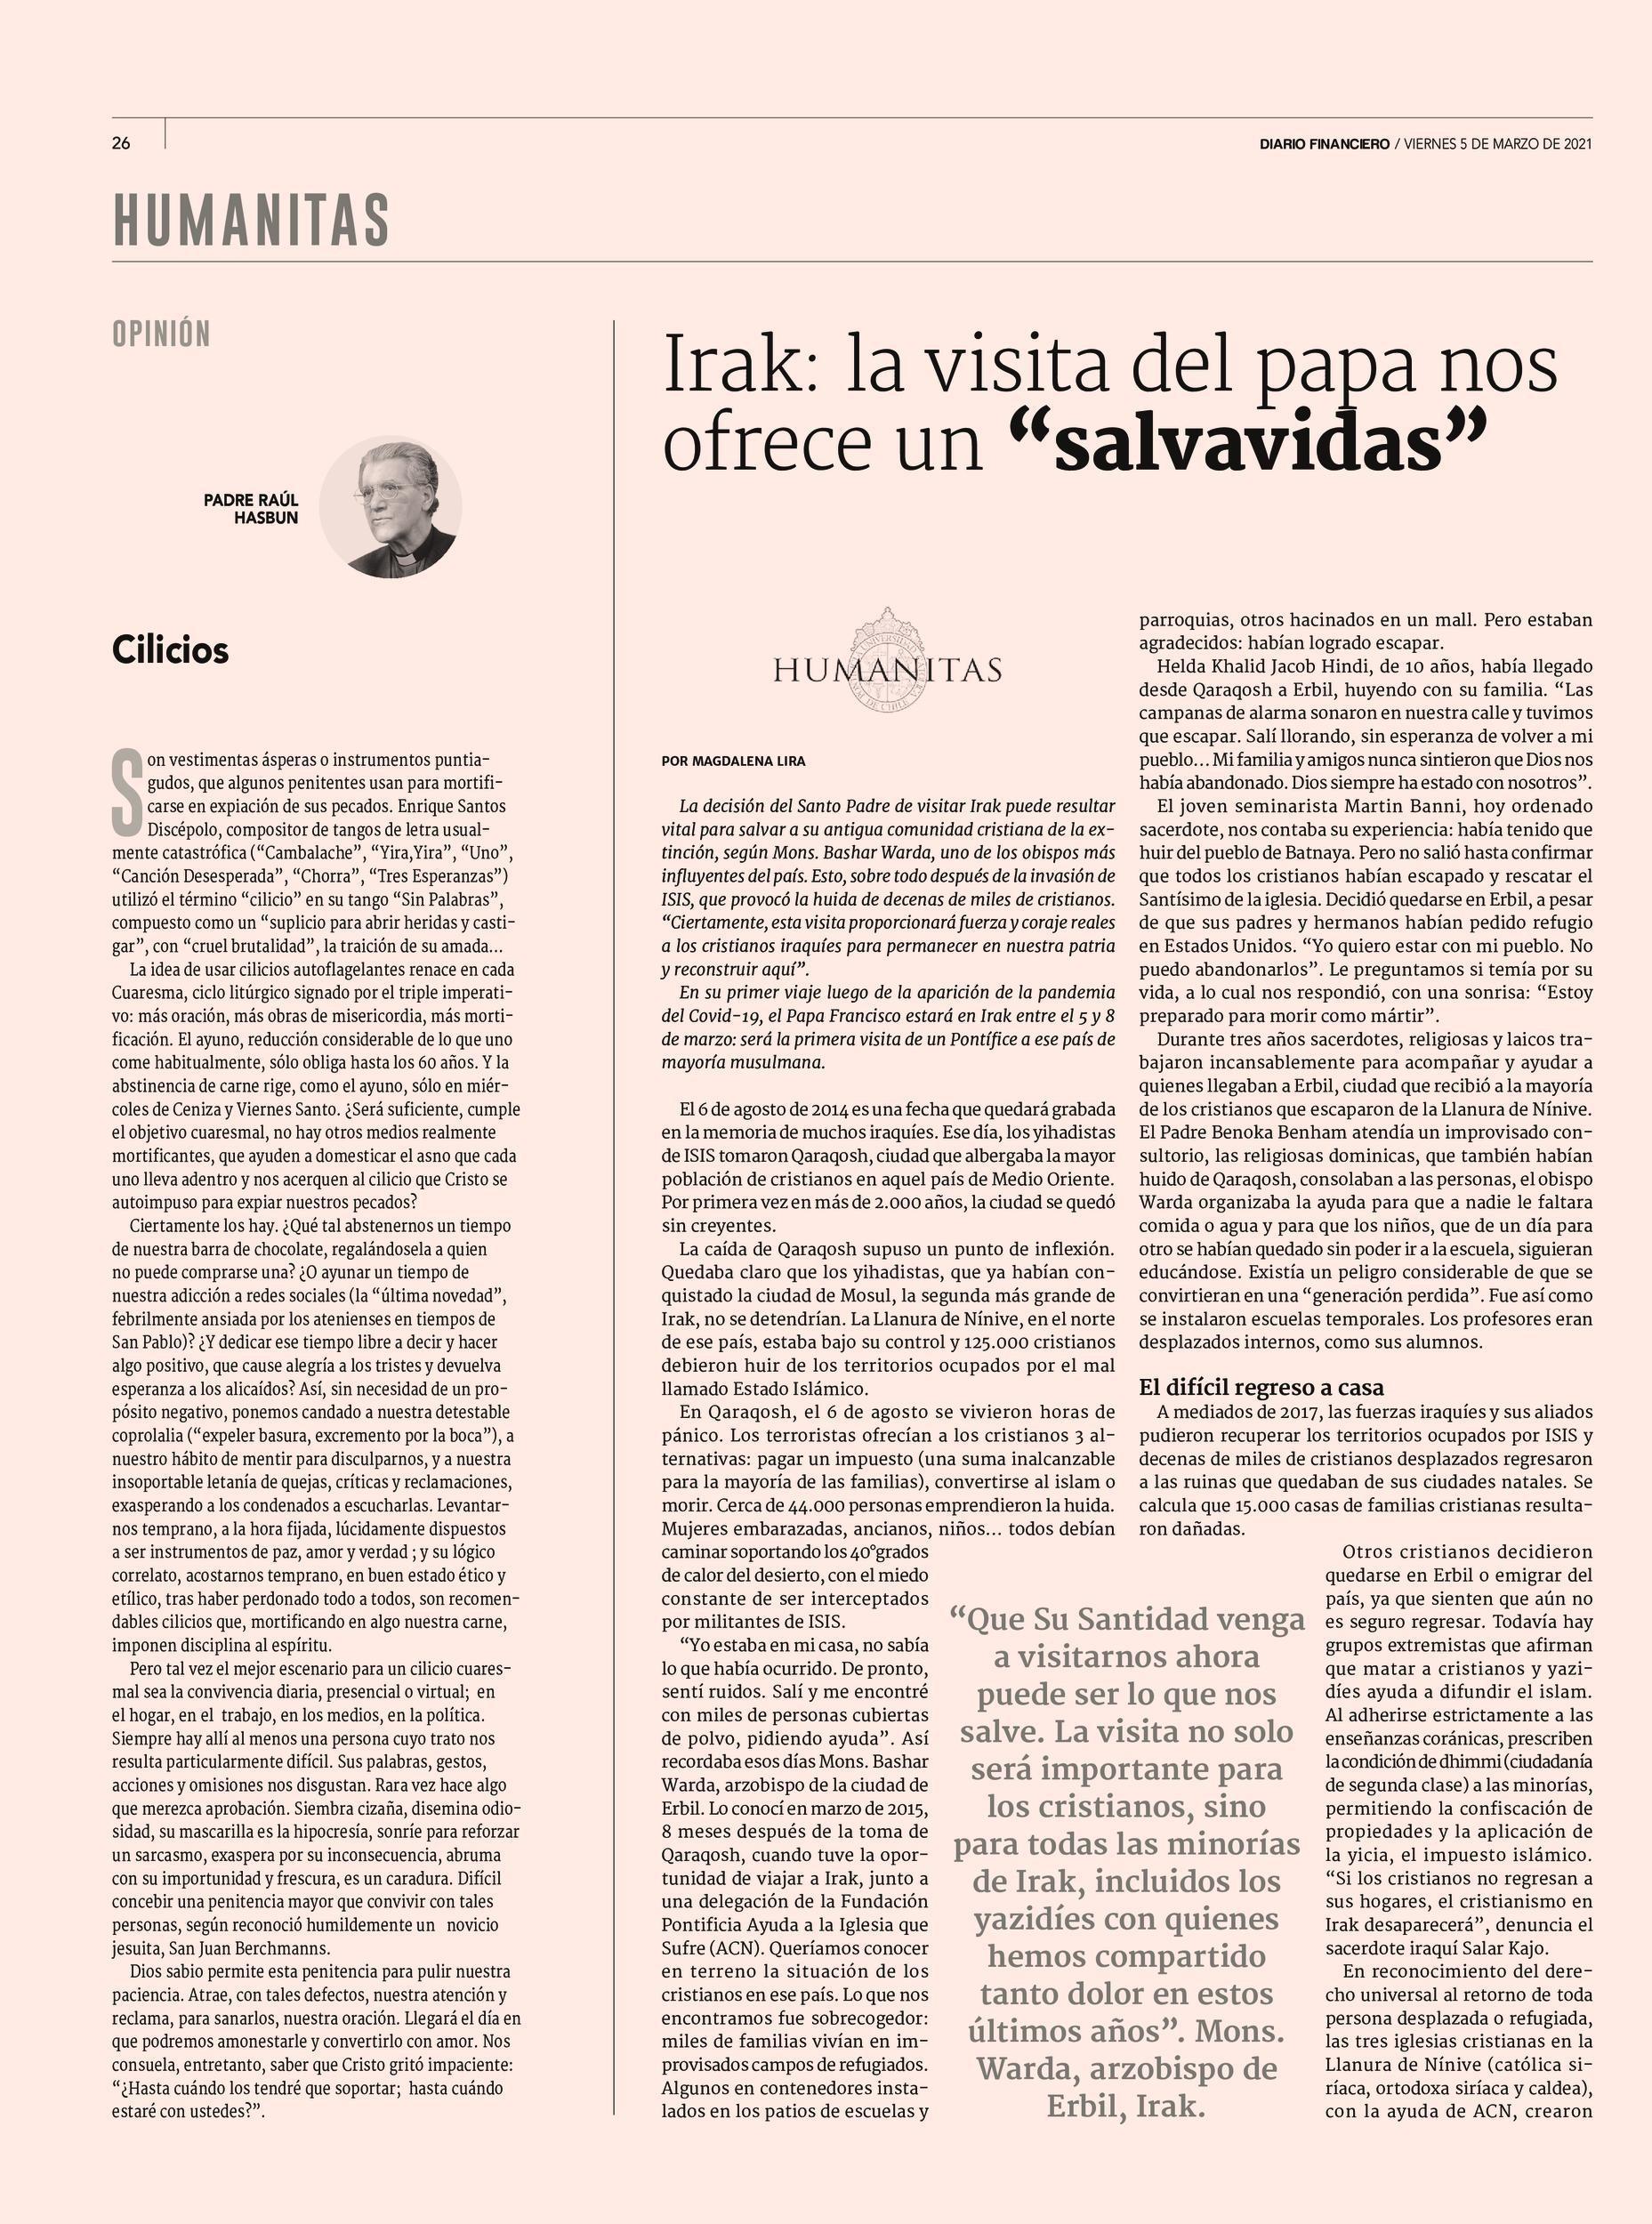 Humanitas en Diario Financiero 05.03.21 p.26